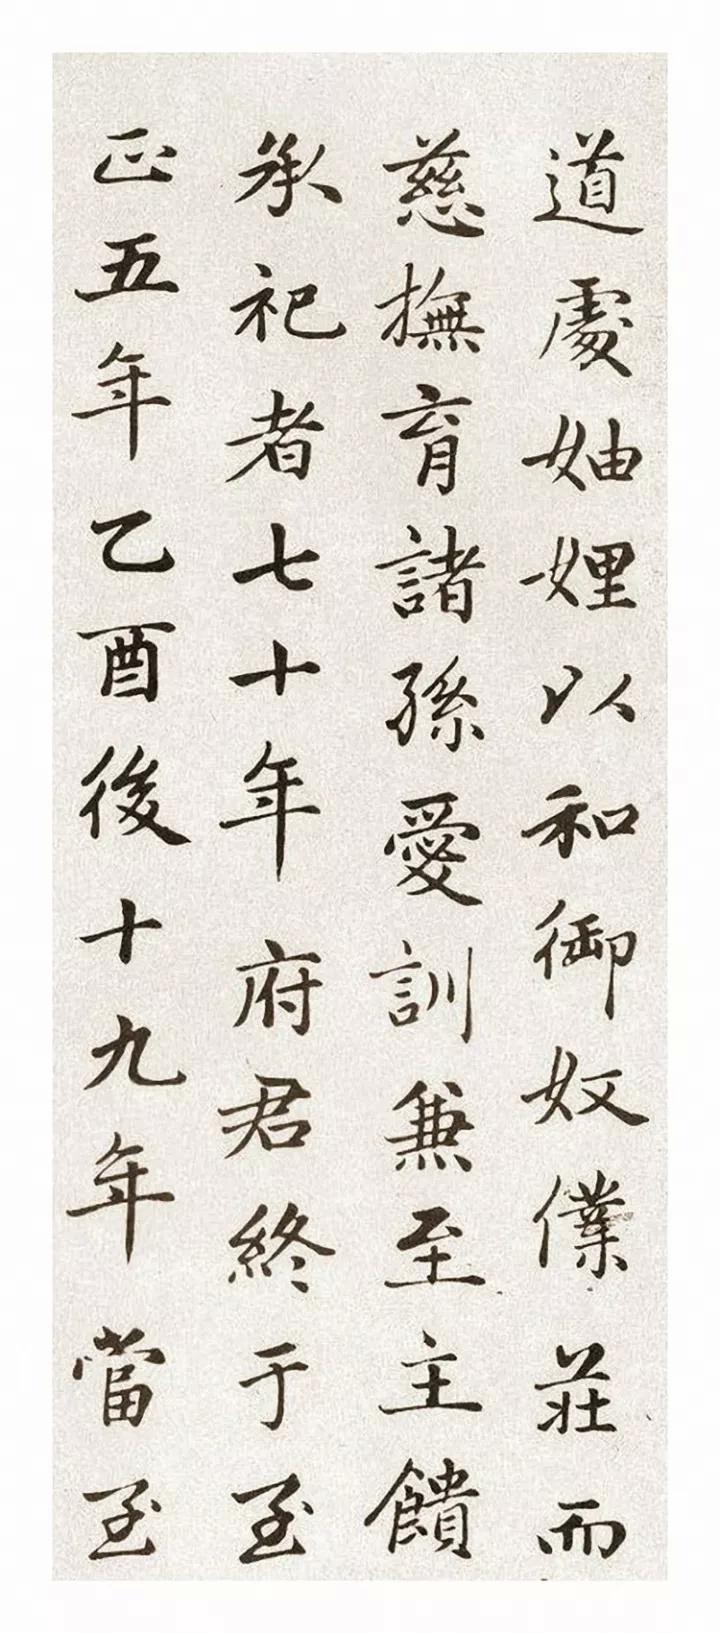 赵孟頫《卫淑媛墓志》二版小楷欣赏